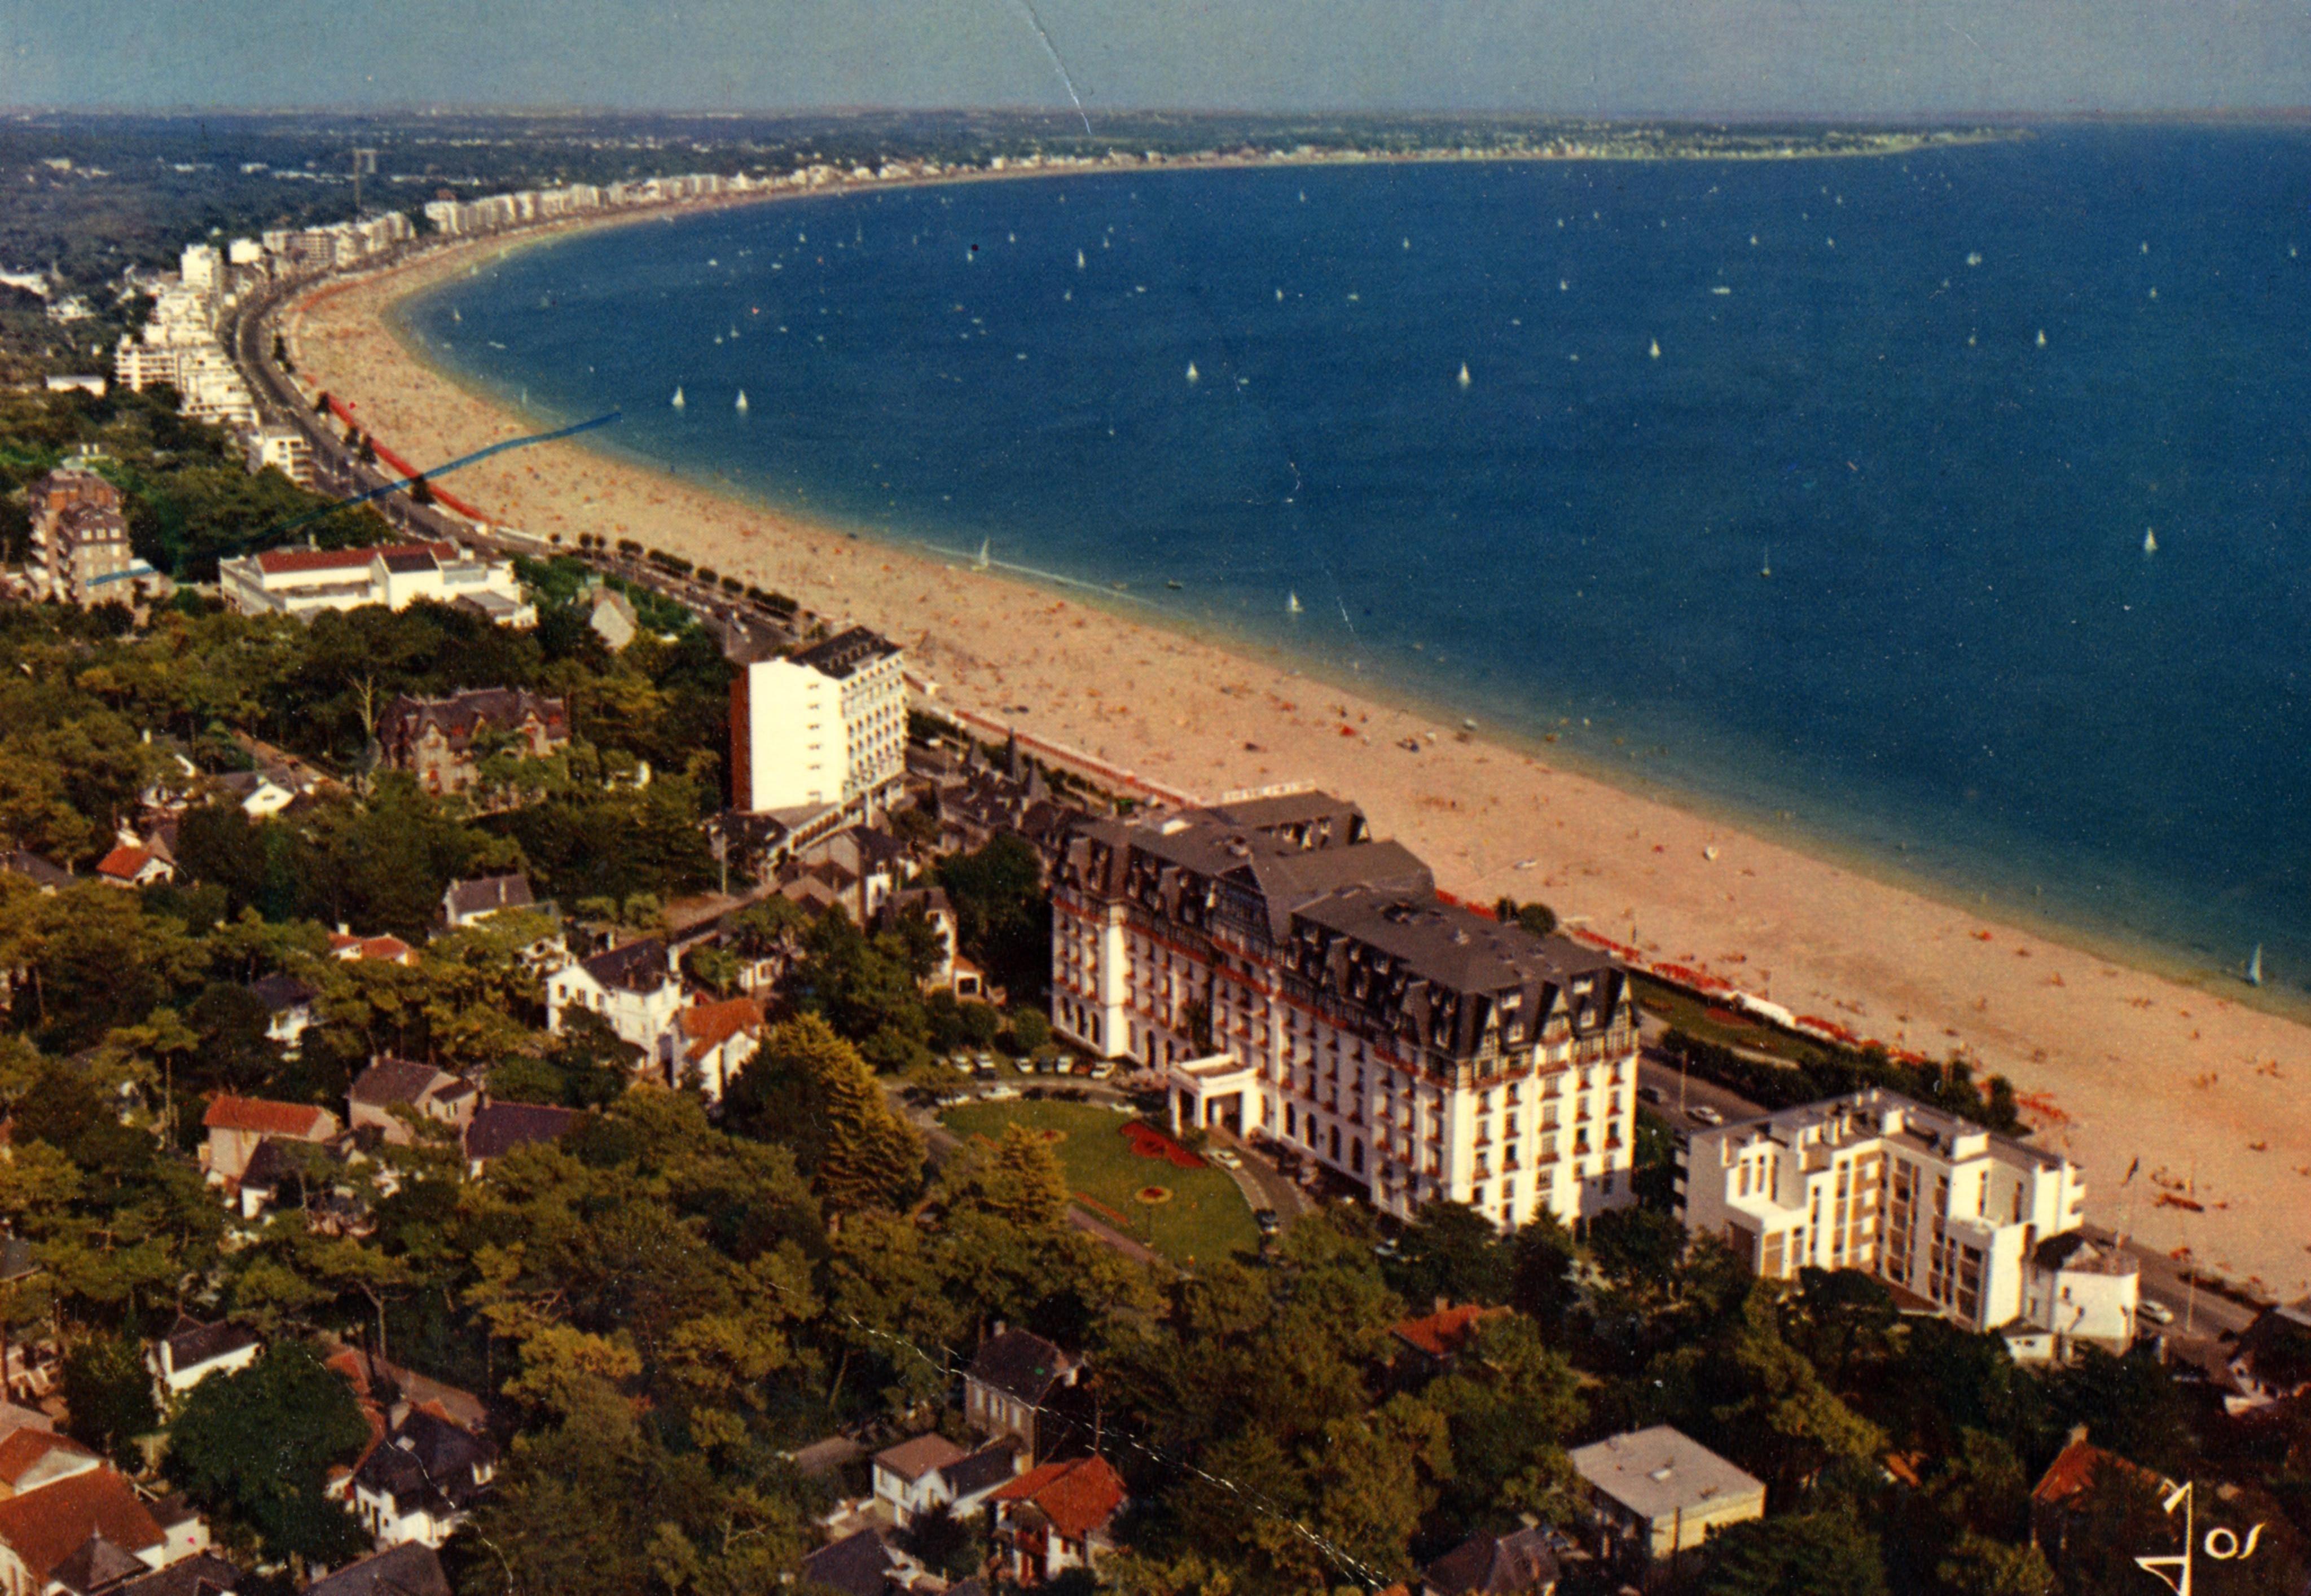 Vue panoramique de la plage - Année 70-80